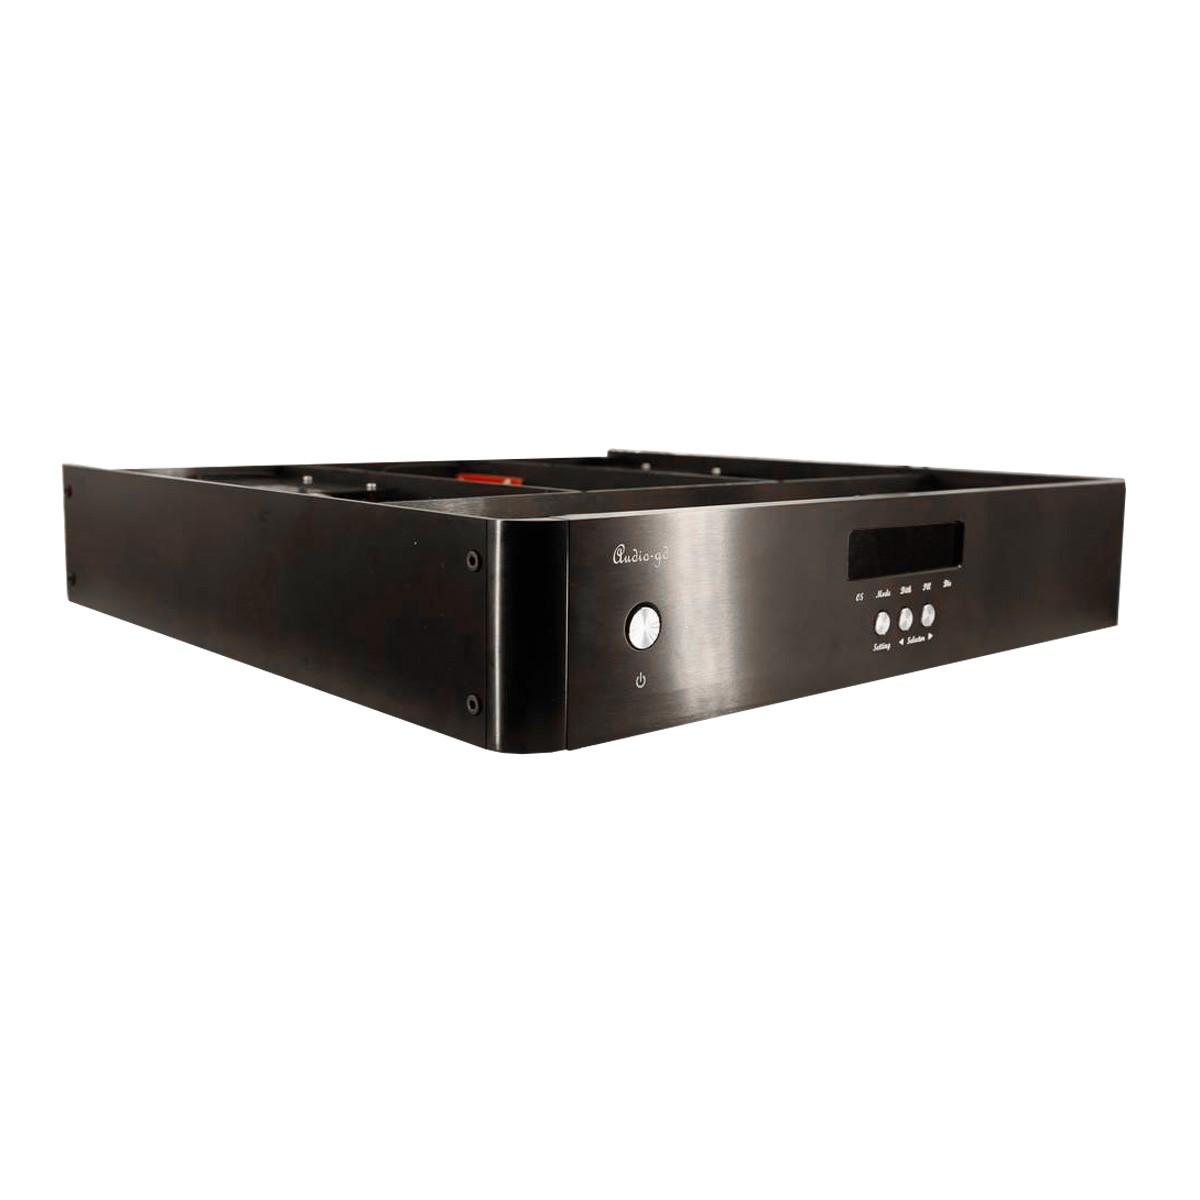 AUDIO-GD R-7 2020 DAC Symétrique R2R FPGA I2S HDMI Amanero 32bit 384kHz DSD512 Accusilicon Crystek